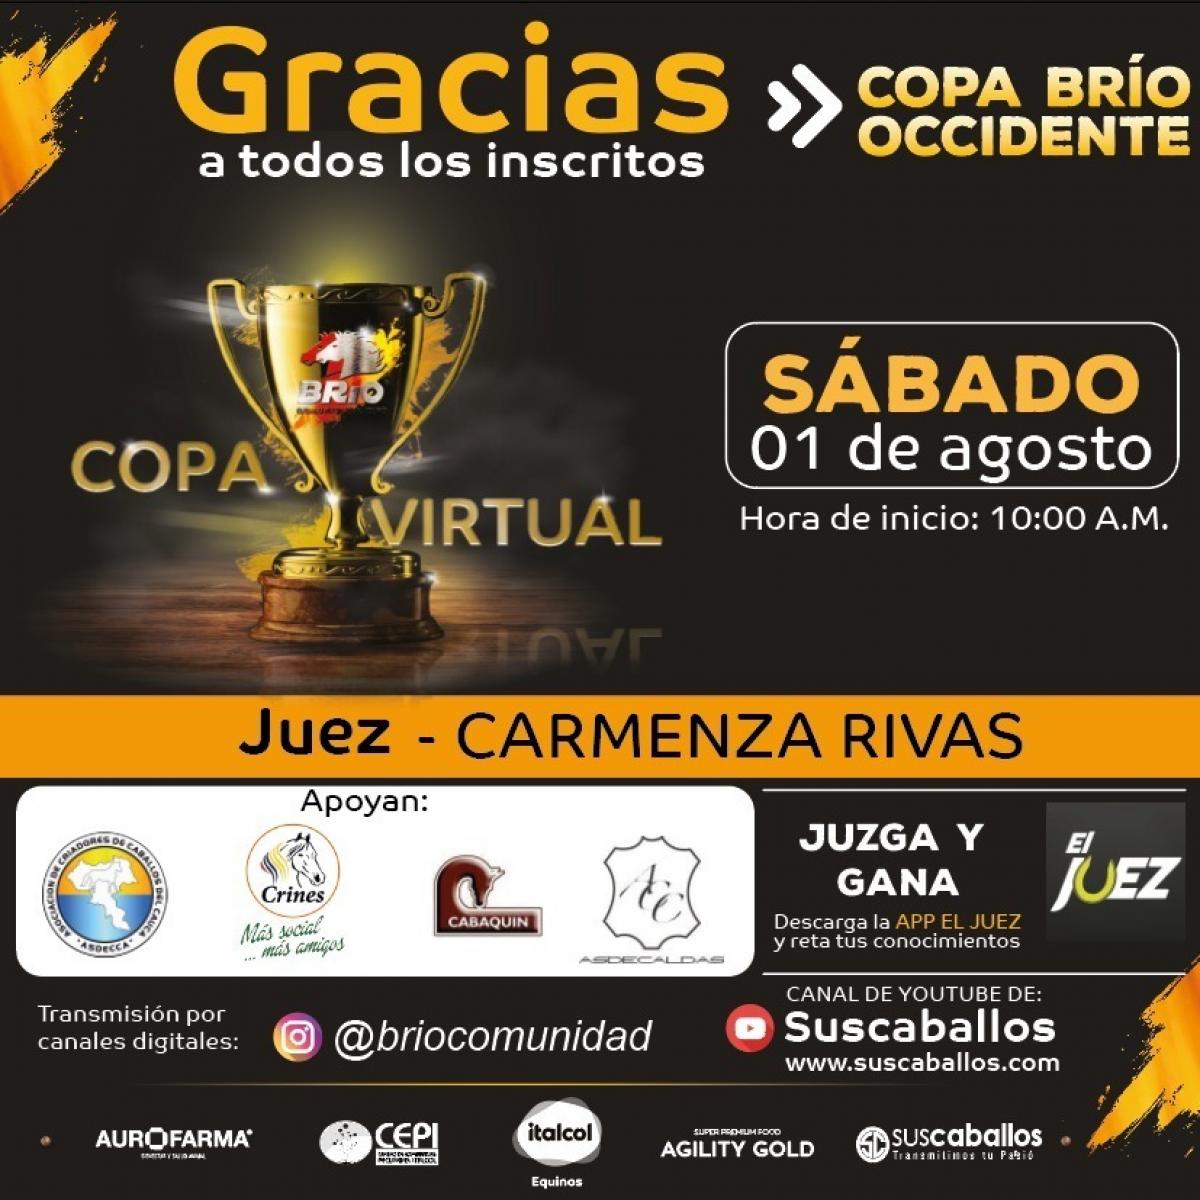 COPA VIRTUAL BRIO OCCIDENTE- Este sábado 1 de agosto